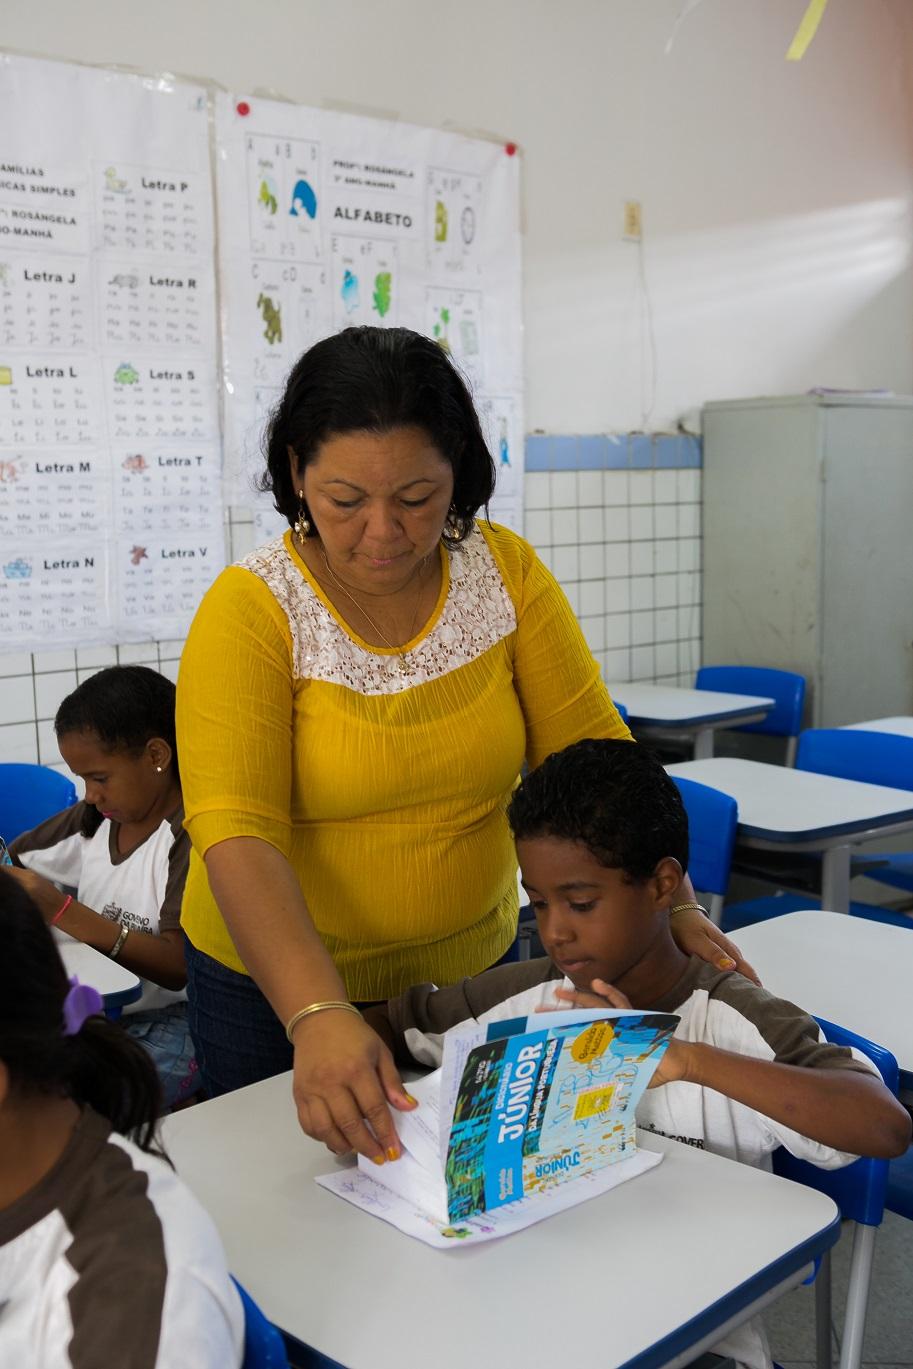 Foto de uma senhora em pé ao lado de um menino que está sentado em uma sala de aula. Ela está folheando um livro e apoiando uma das mãos nas costas da criança. Os dois olham para o livro.